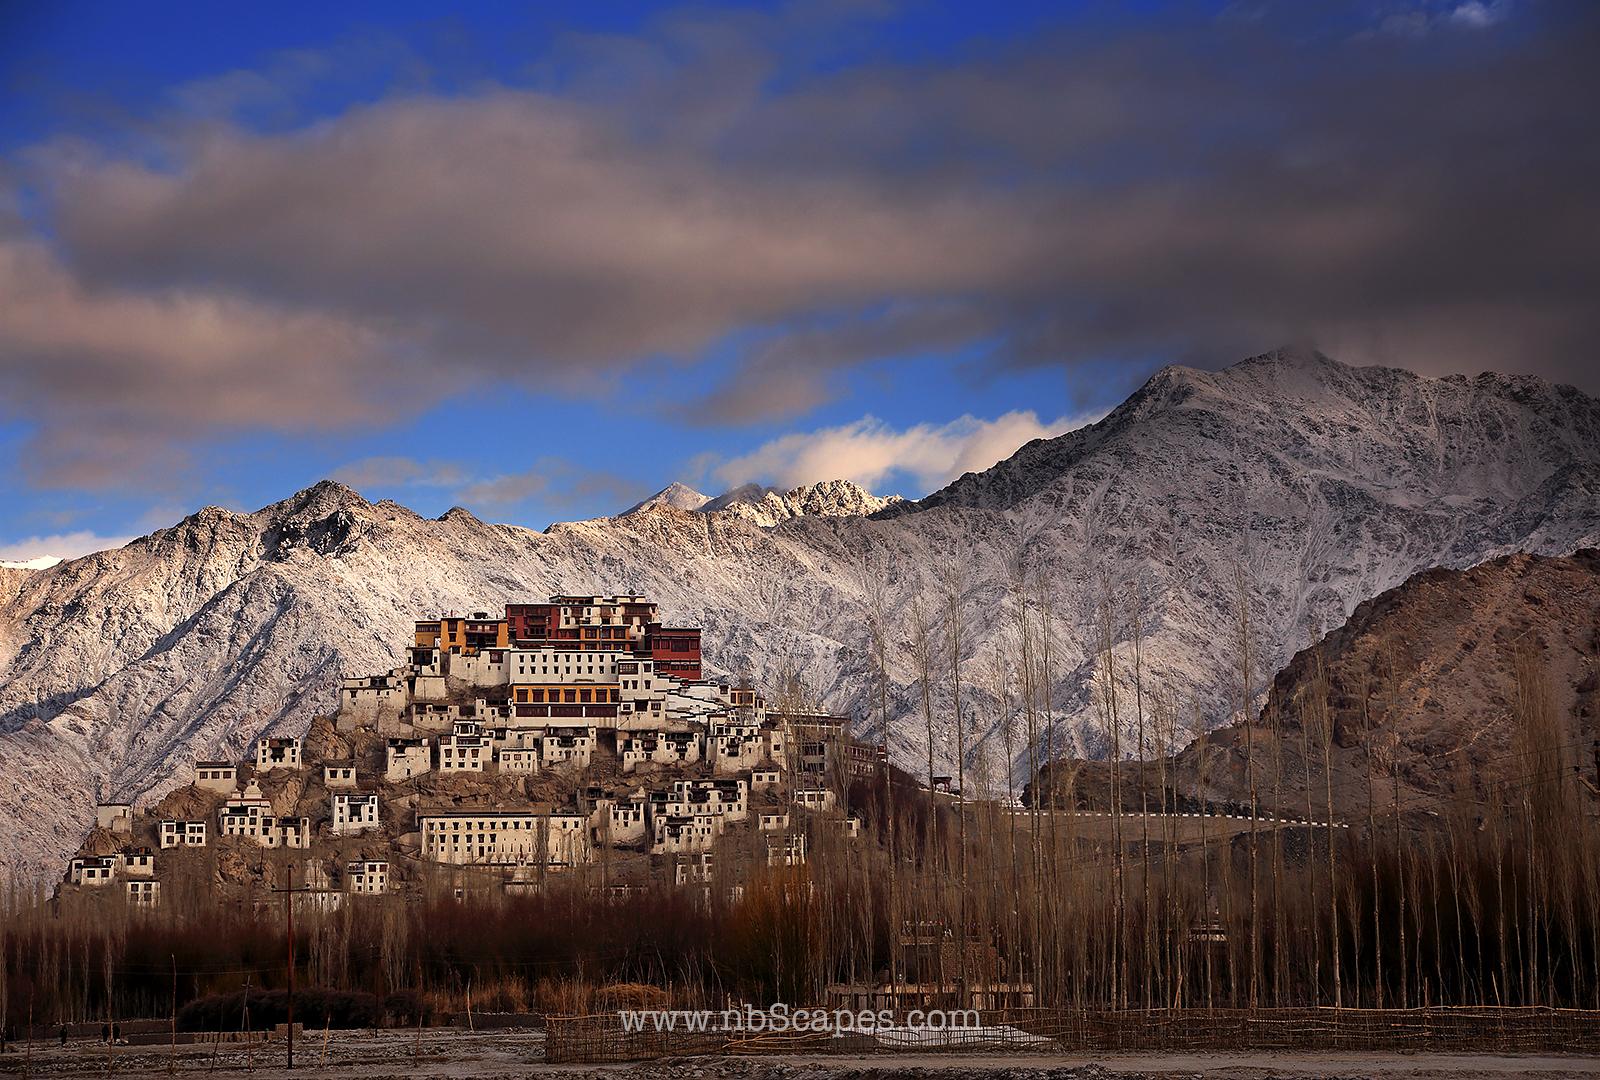 Thikshey Monastery